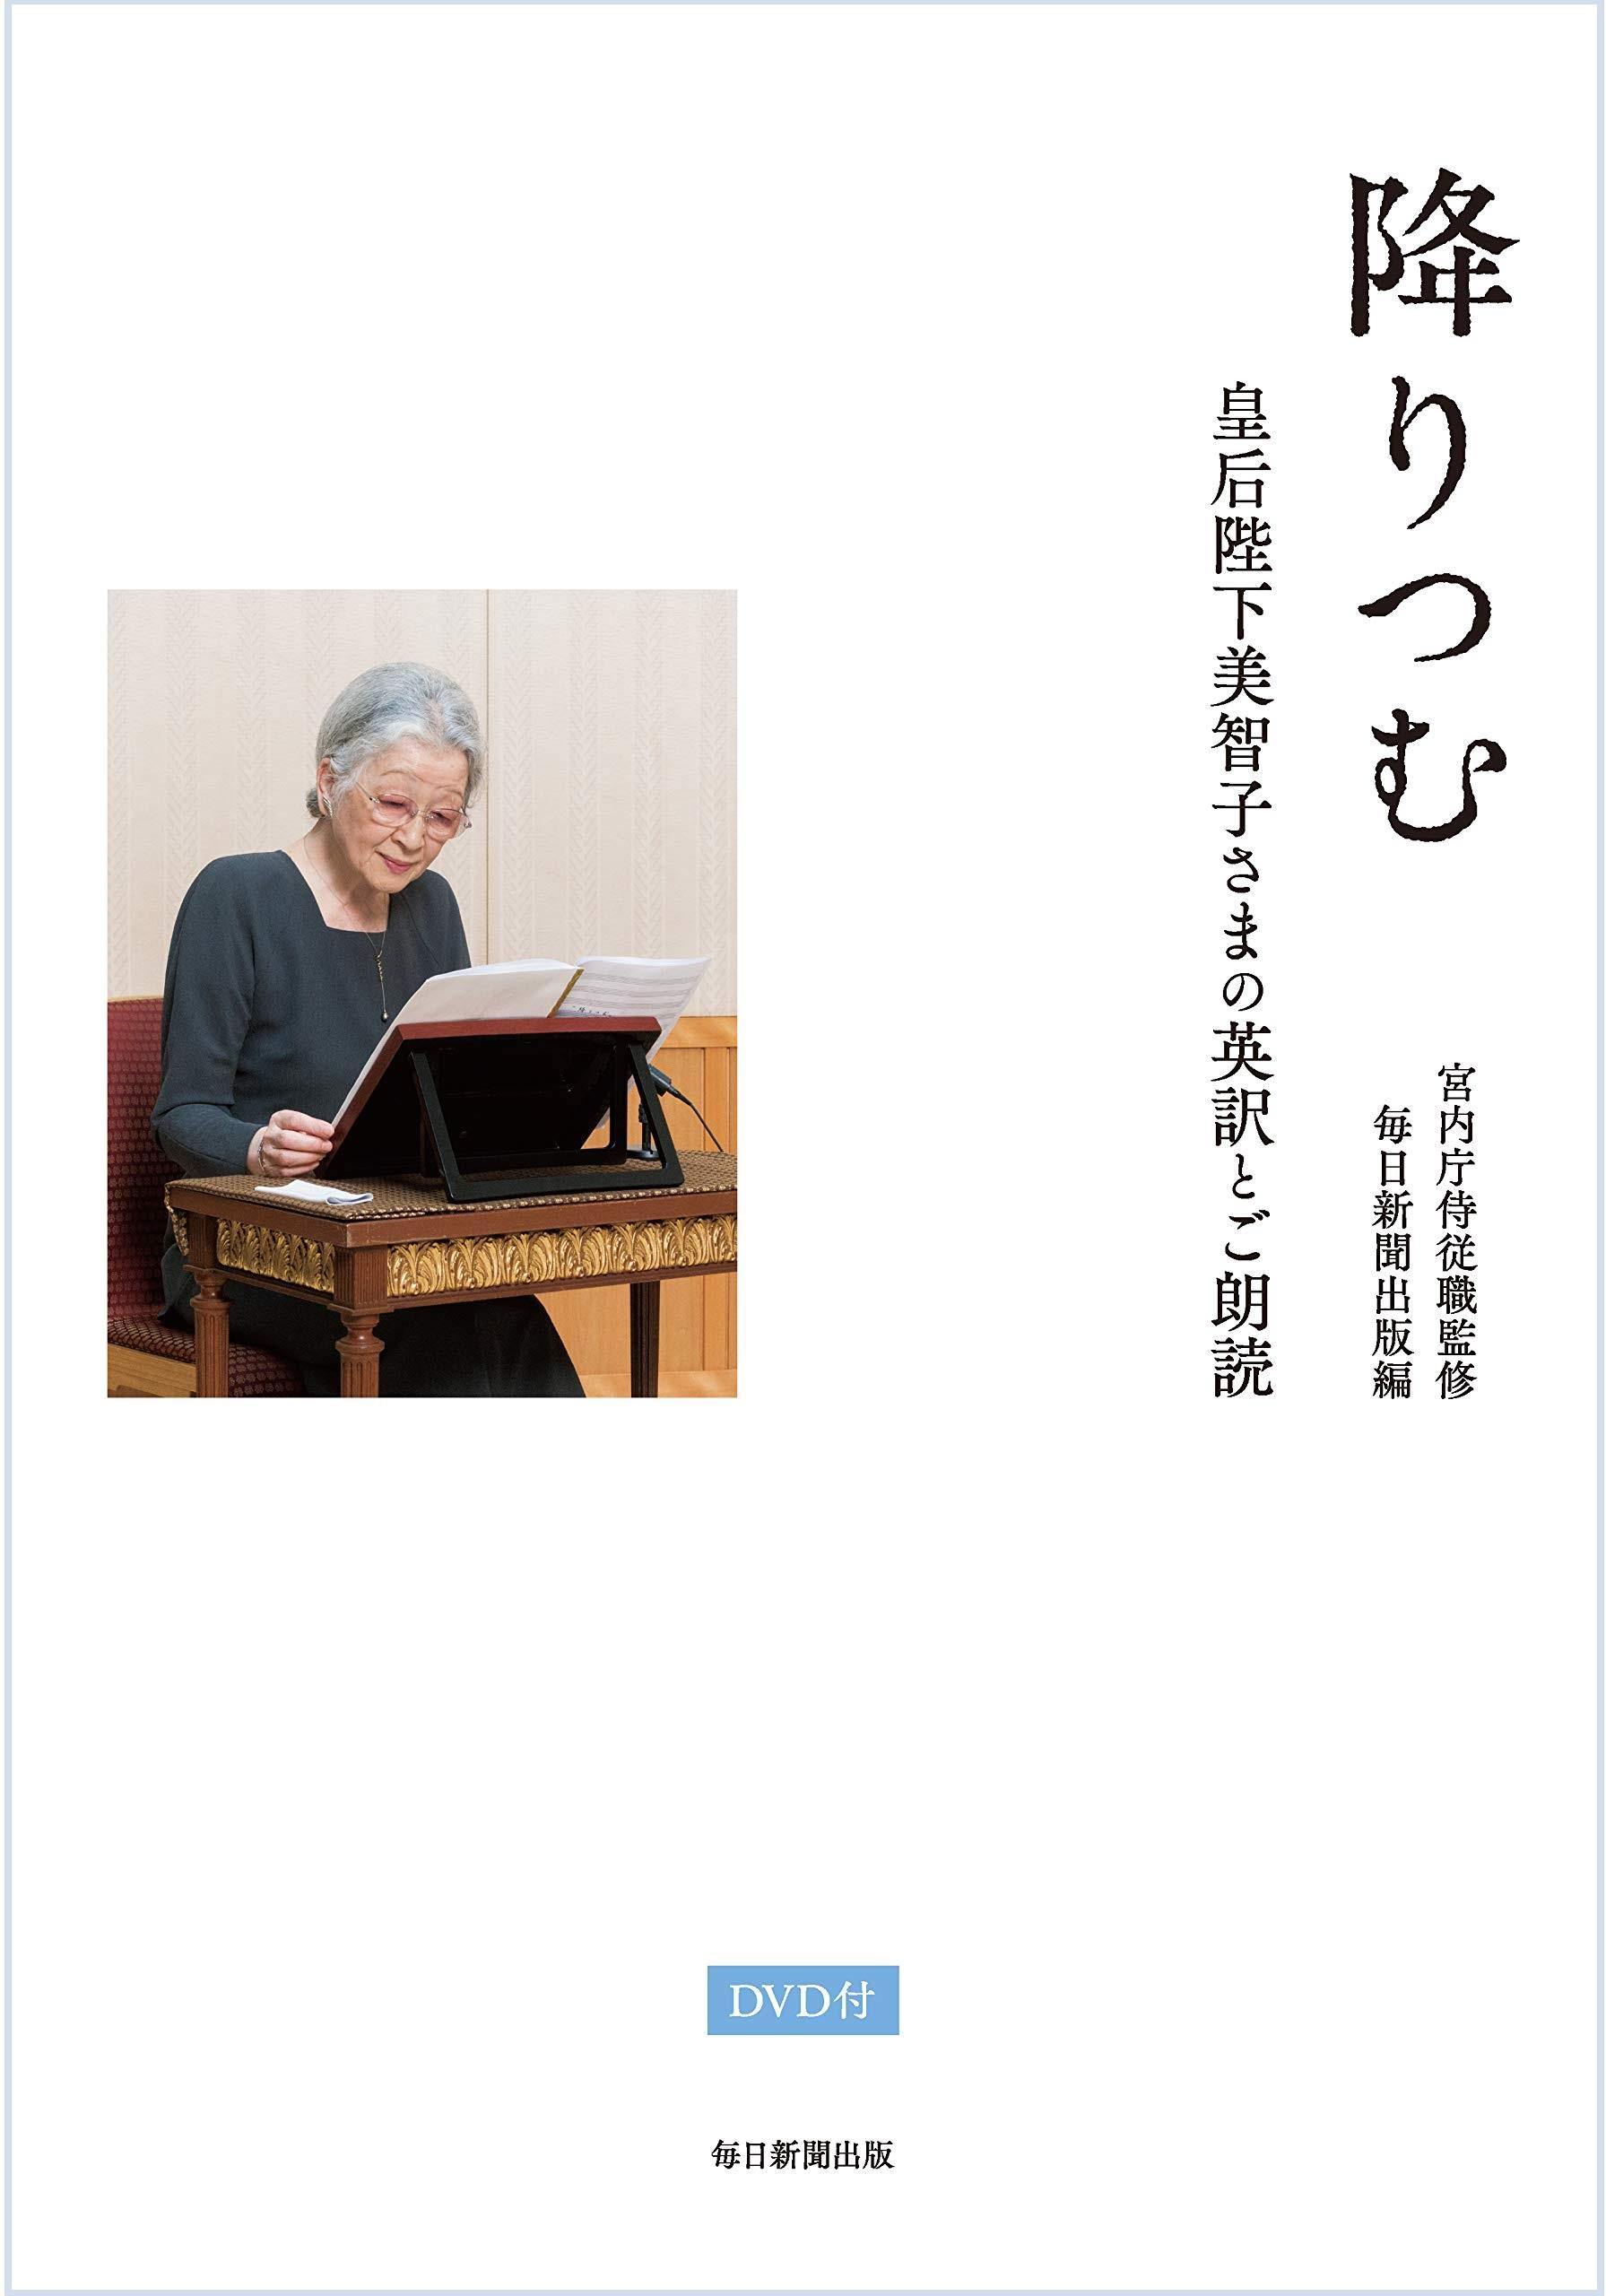 読んで、聴いてみよう、この1冊~『降りつむ:皇后陛下美智子さまの英訳とご朗読』~